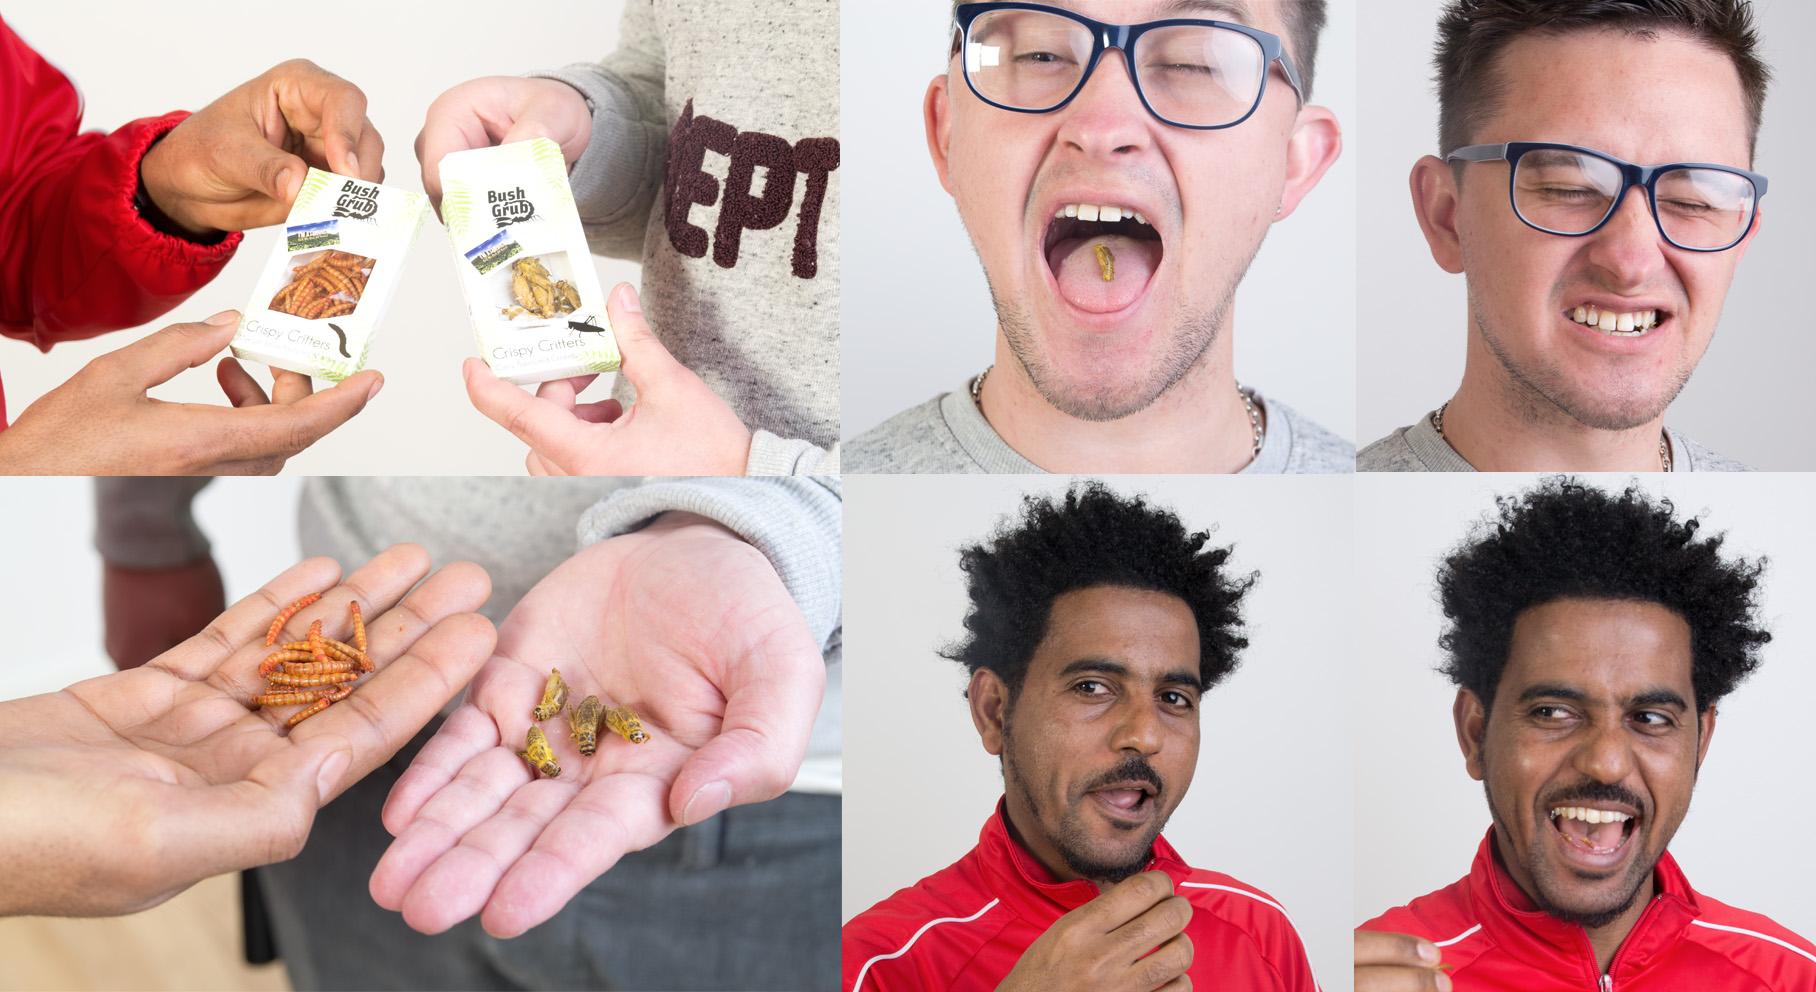 Vi testar ätbara insekter